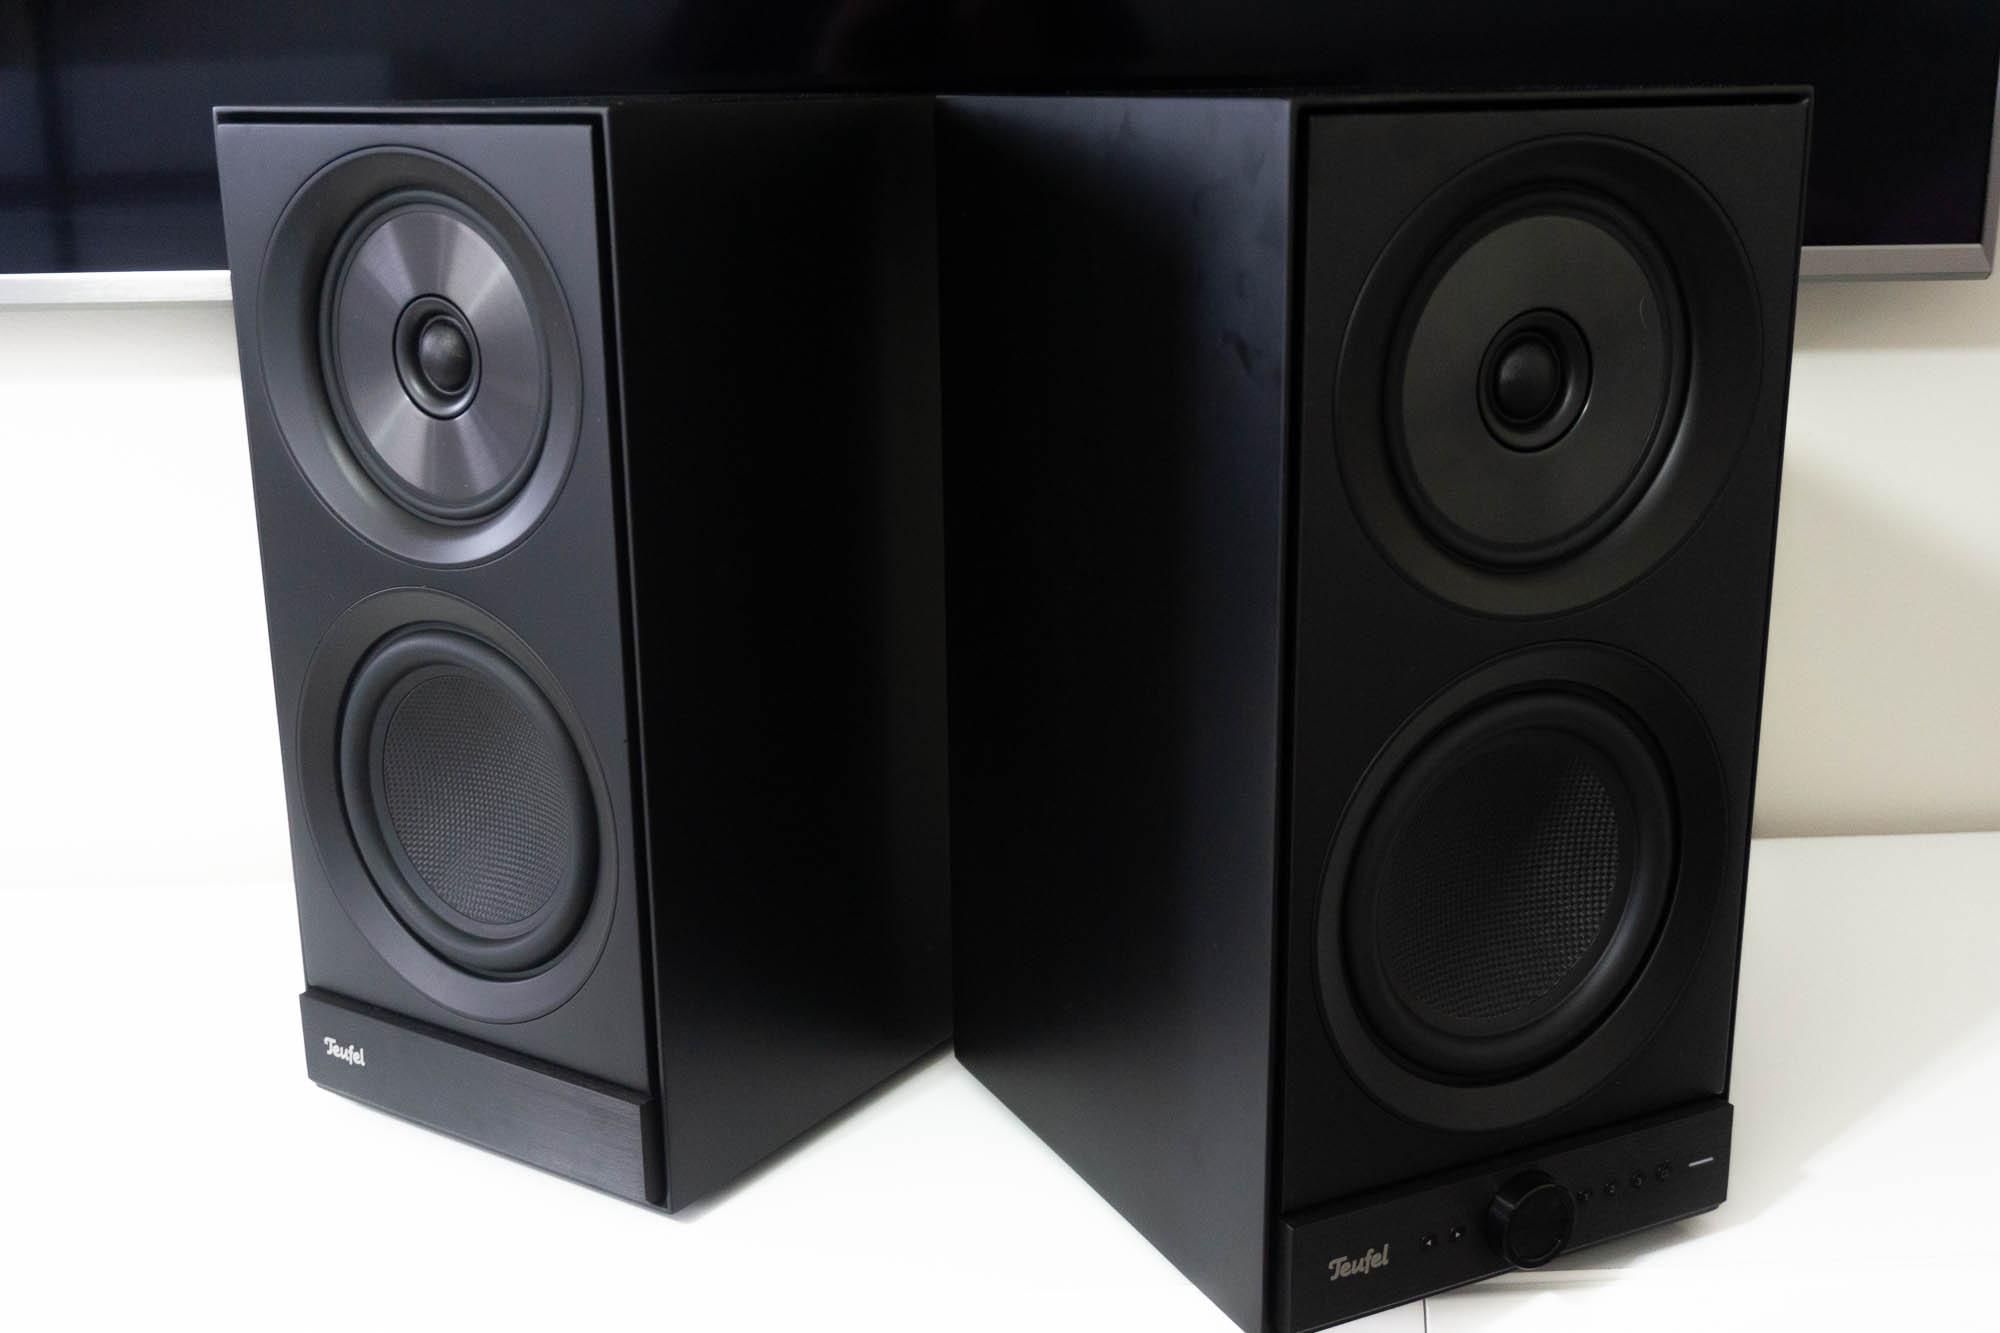 Dyskretny dostawca wielkiej przyjemności - Teufel Stereo M (recenzja) 18